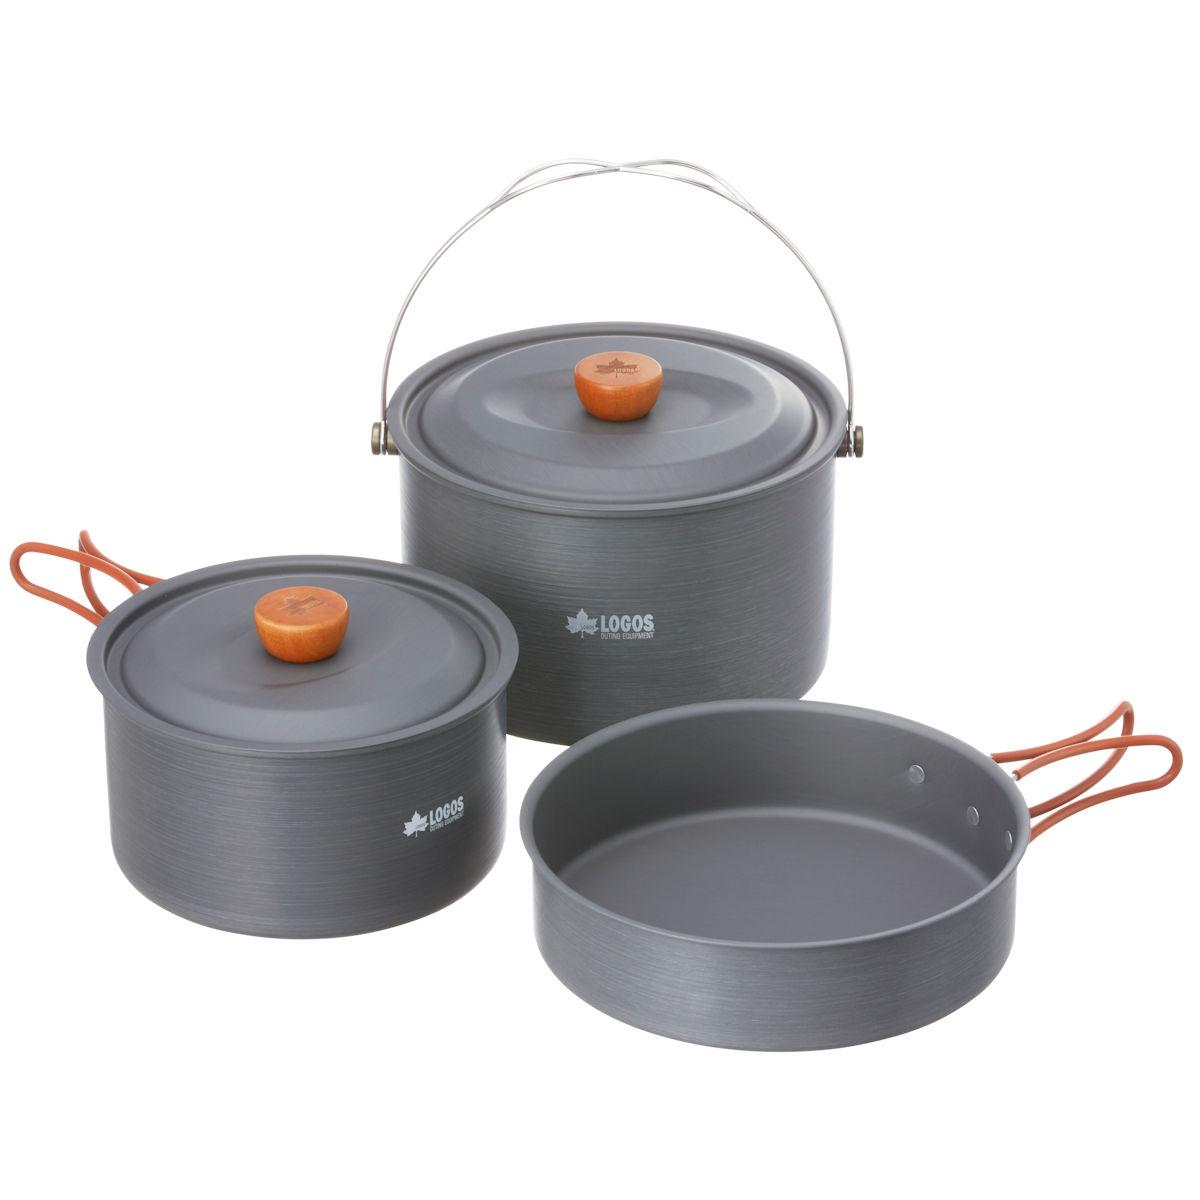 ロゴス(LOGOS) クッカー(鍋)単品 ファミリークッカーセット 81210209 調理用品 食器類 クッカー(鍋) 調理器具 キャンプ アウトドア